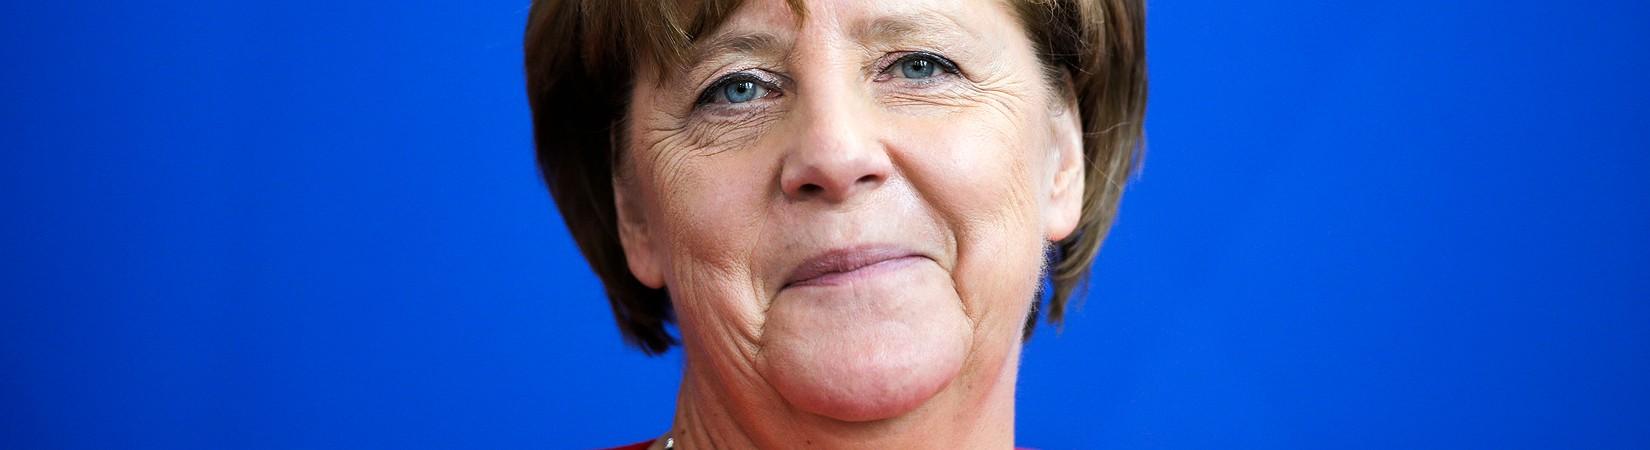 В графиках: Как Германия стала крупнейший экономикой Европы